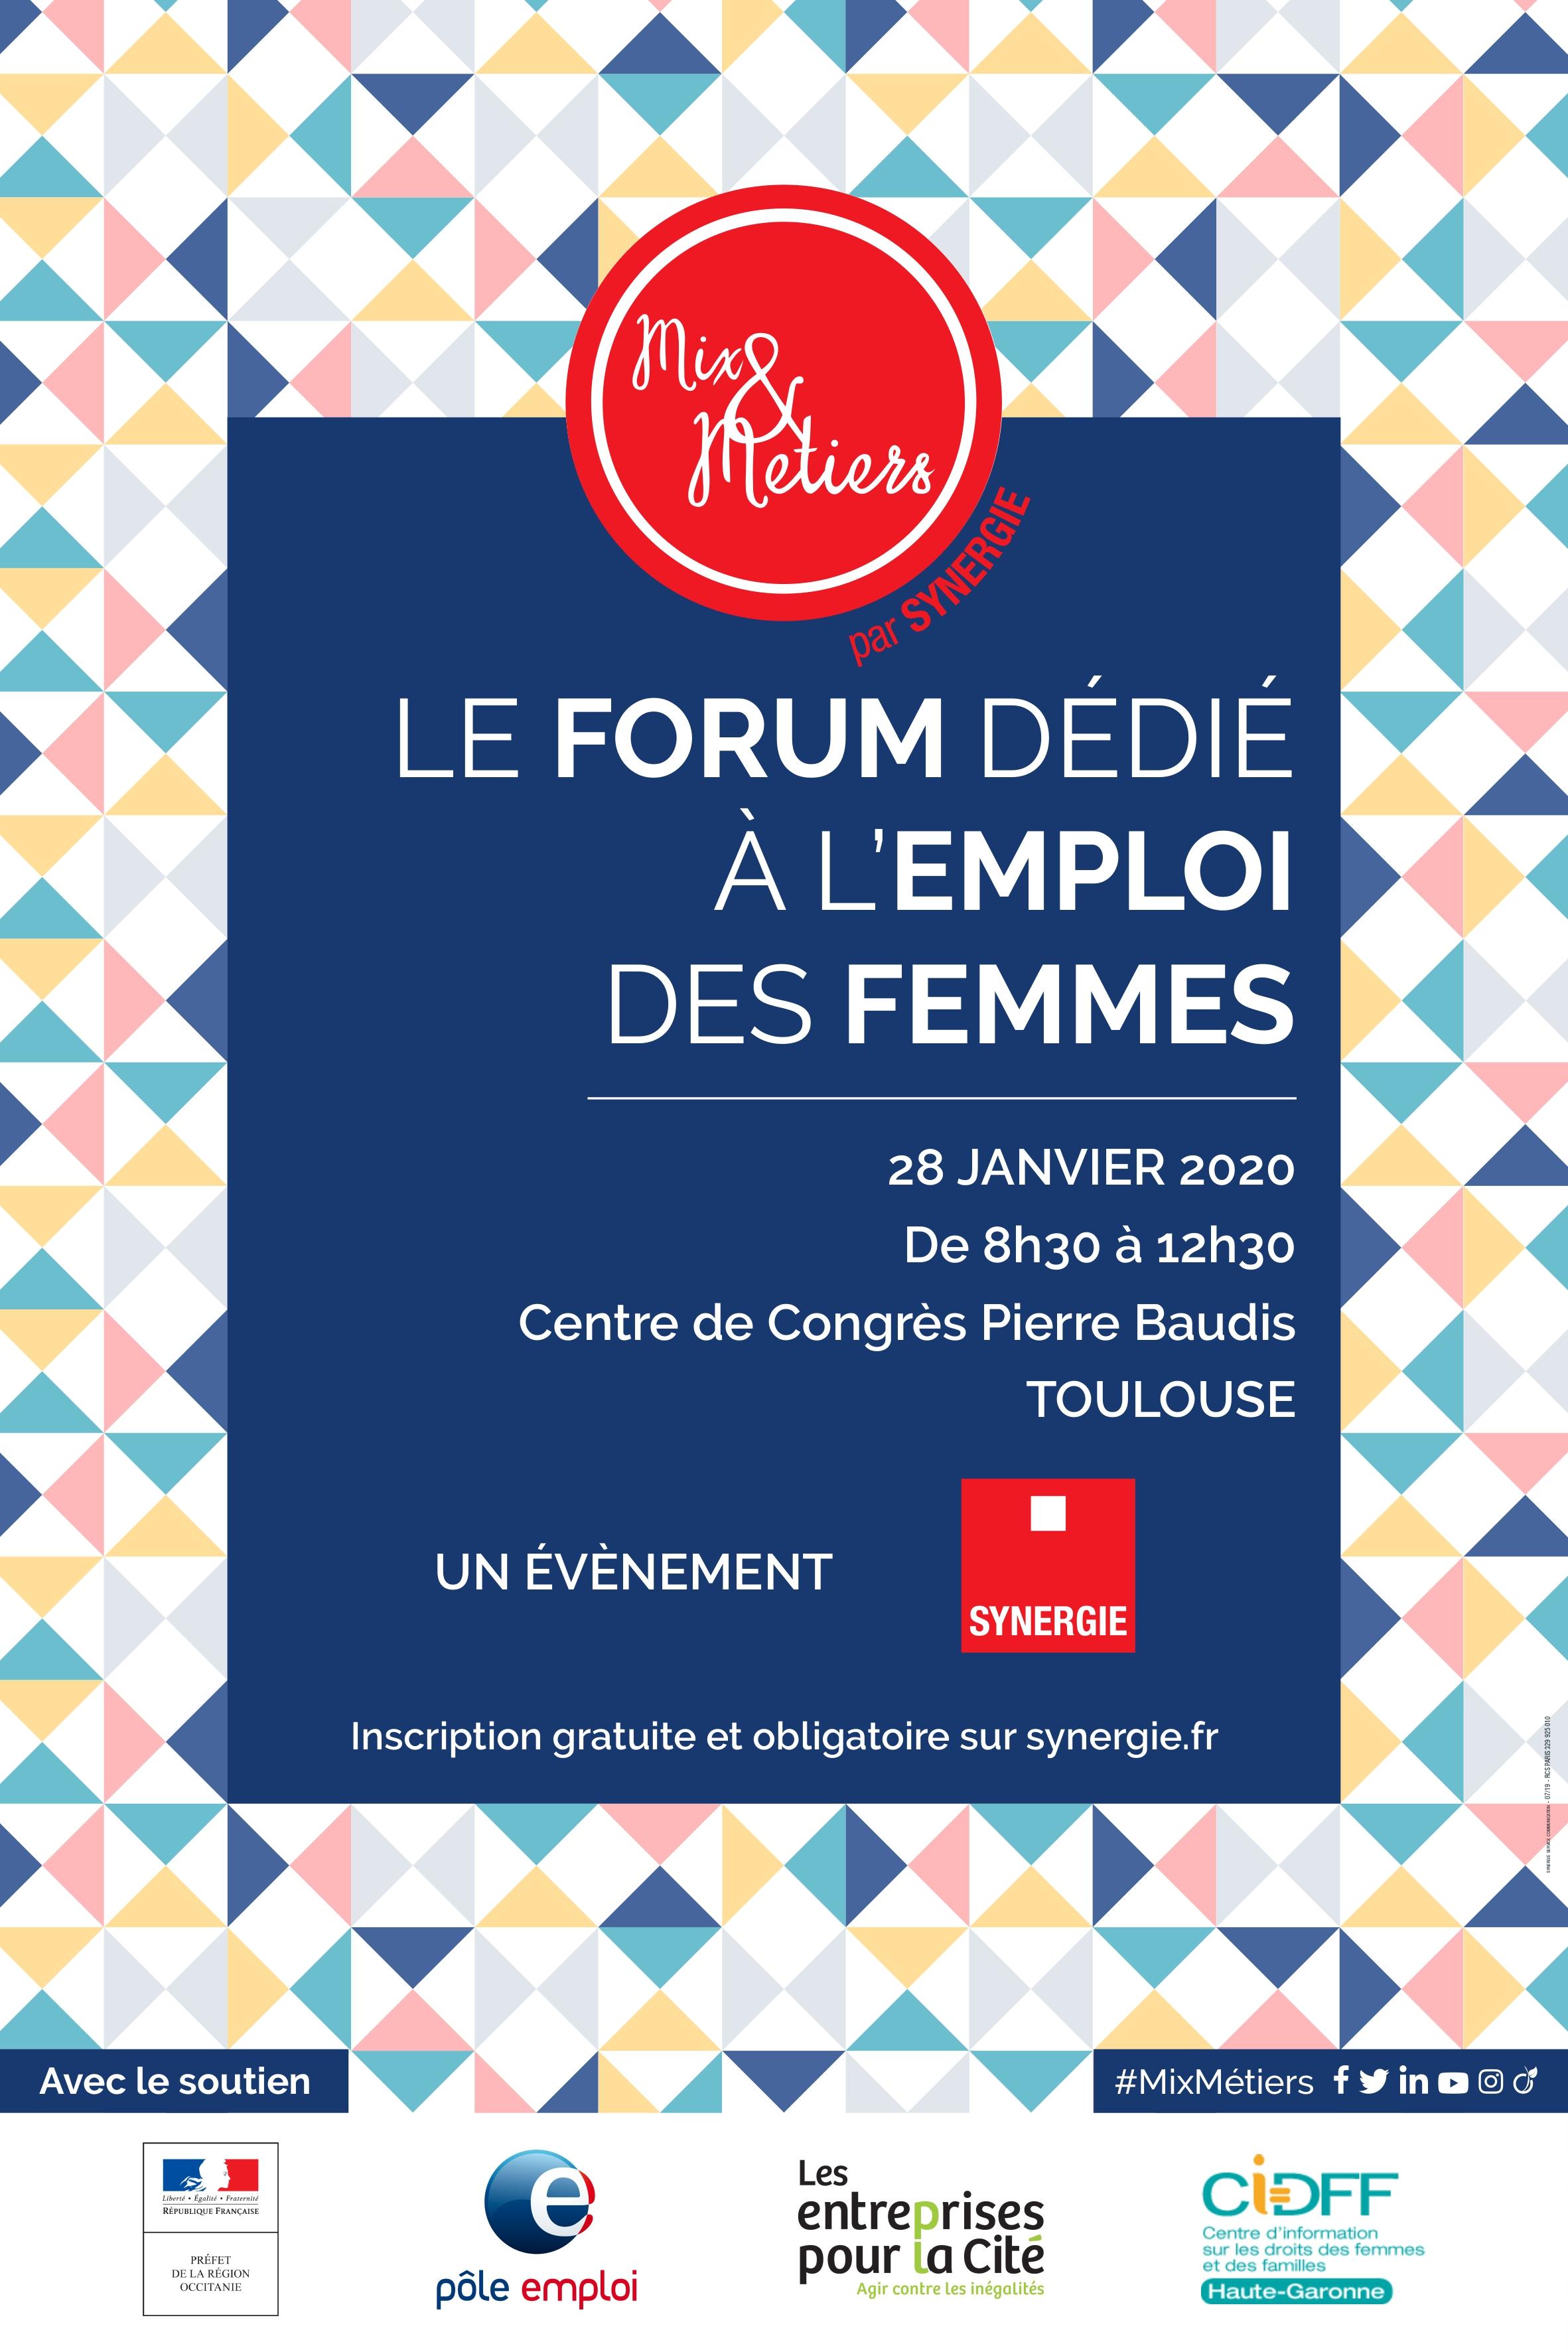 Le travail en intérim se posera à Toulouse pour un forum de recrutement